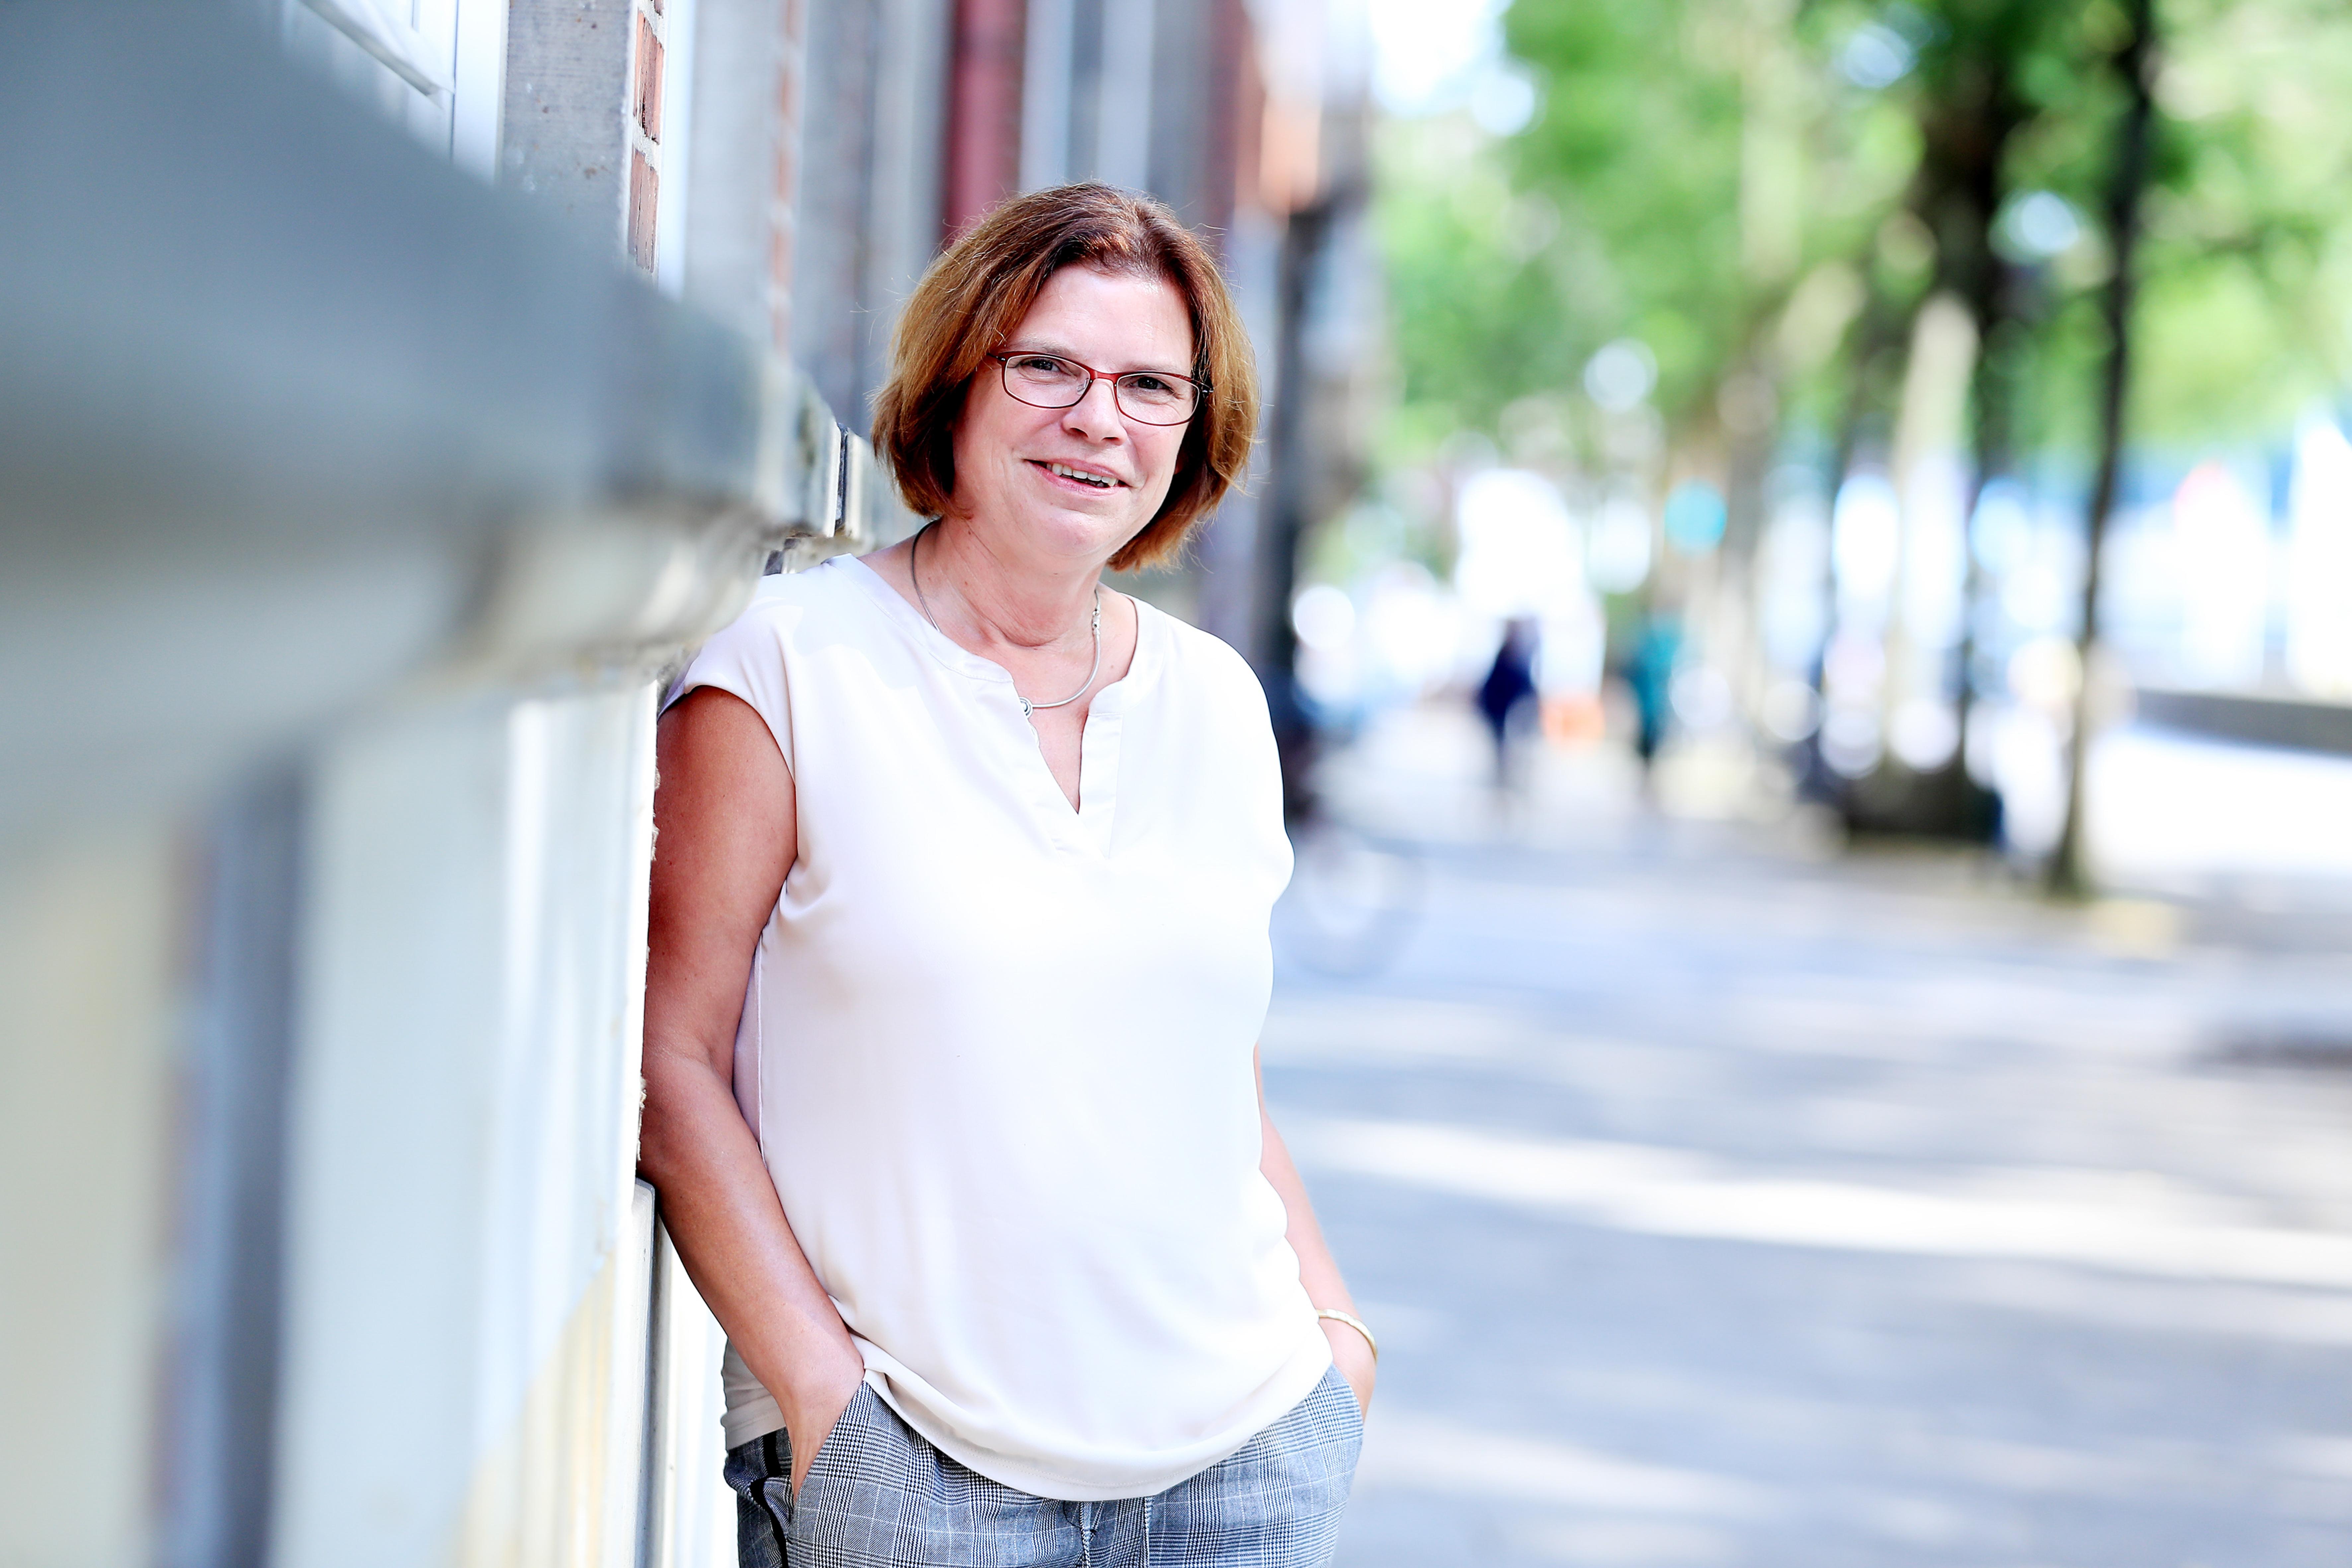 Kristina Vogt steht an ein Gebäude gelehnt